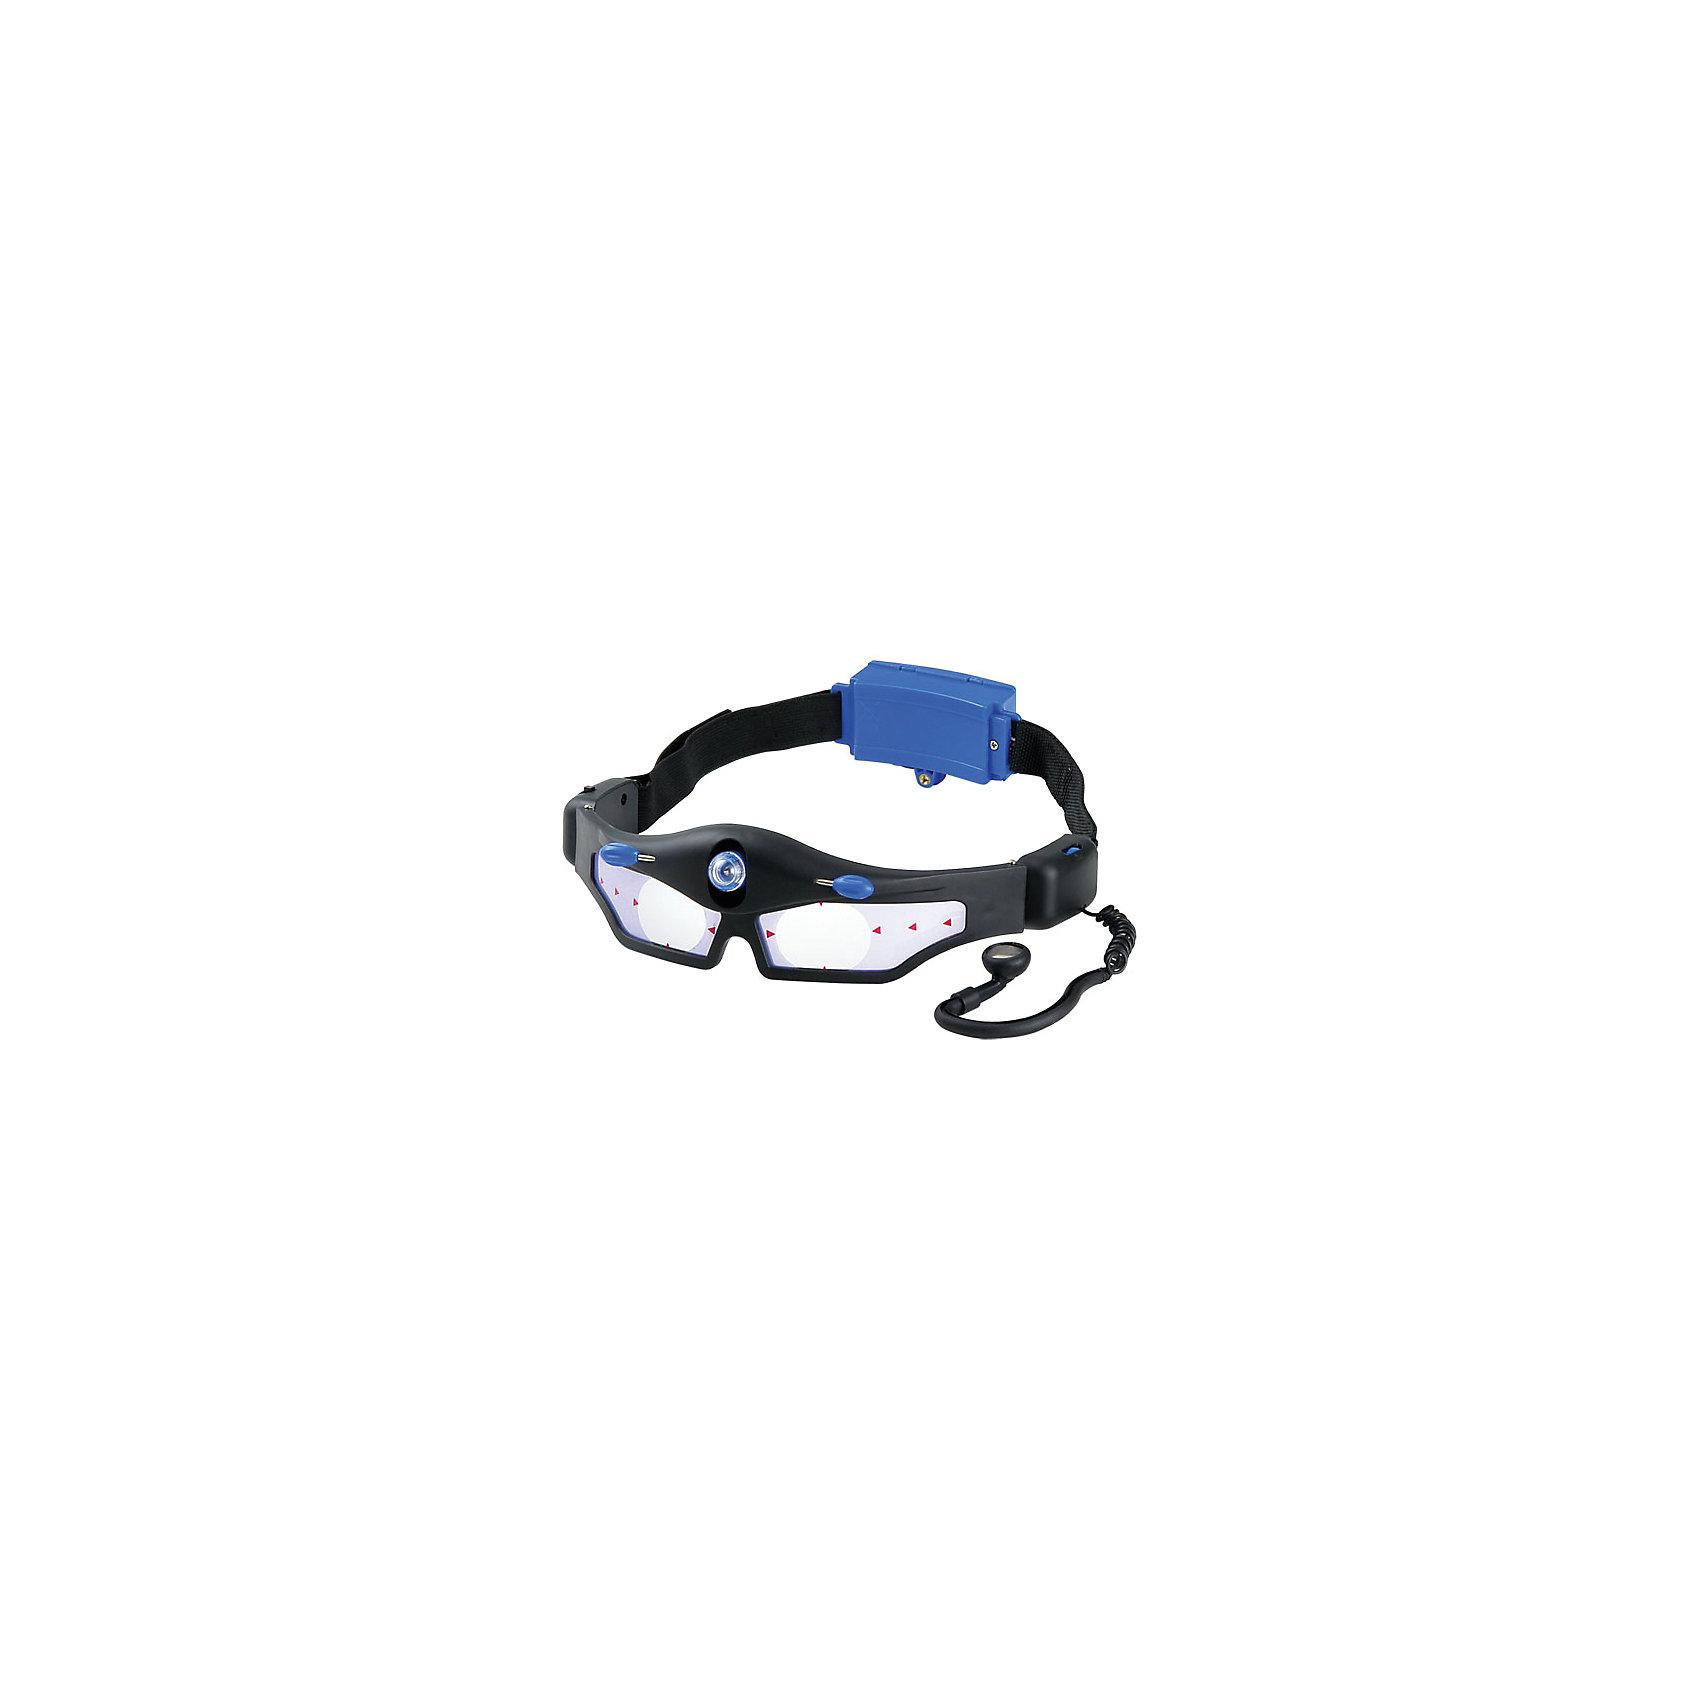 Шпионские очки, Edu-ToysЭксперименты и опыты<br>Шпионские очки, Edu-Toys - оригинальный подарок, который обязательно порадует маленького детектива. Шпионское устройство представляет из себя очки из прочного пластика, со встроенными в оправу подслушивающим устройством и фонариком. Подслушивающее устройство способно усиливать тихие звуки и разговор, который происходит за стеной или на расстоянии, а встроенный ограничитель громкости предохранит от слишком громкого звука в наушнике. Налобный фонарик светит в темноте направленным пучком и позволяет рассматривать предметы рядом с собой, при этом сам владелец очков не слишком заметен. Очки достаточно легкие и не создают дискомфорта при использовании.<br><br>Дополнительная информация:<br><br>- Материал: пластик. <br>- Требуются батарейки: 2 х AA (в комплект не входят).<br>- Размер упаковки: 23 х 6,5 х 28 см. <br>- Вес: 0,31 г.<br><br>Шпионские очки, Edu-Toys, можно купить в нашем интернет-магазине.<br><br>Ширина мм: 230<br>Глубина мм: 65<br>Высота мм: 280<br>Вес г: 310<br>Возраст от месяцев: 96<br>Возраст до месяцев: 144<br>Пол: Унисекс<br>Возраст: Детский<br>SKU: 4013743